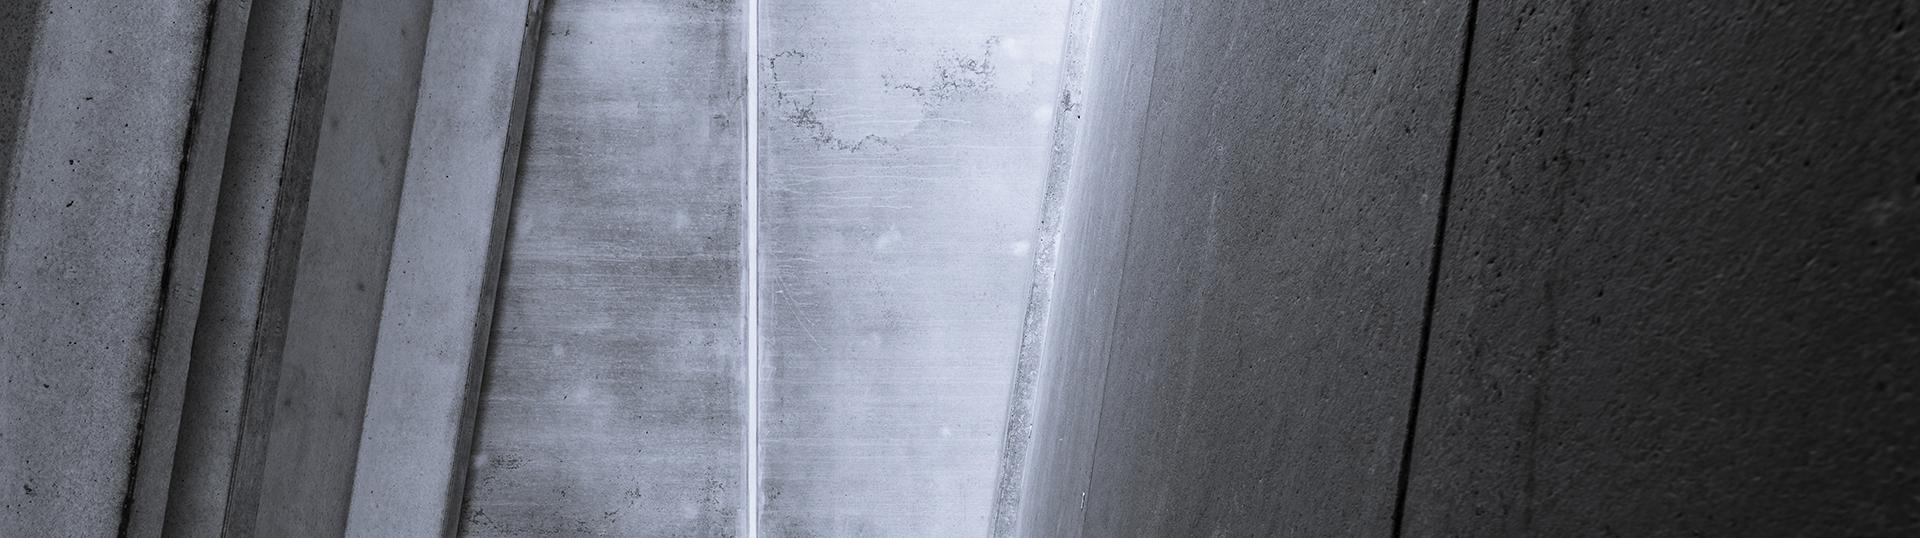 Akademia Allplan Architecture: Odcinek 3 – Ściany fundamentowe oraz podłoga